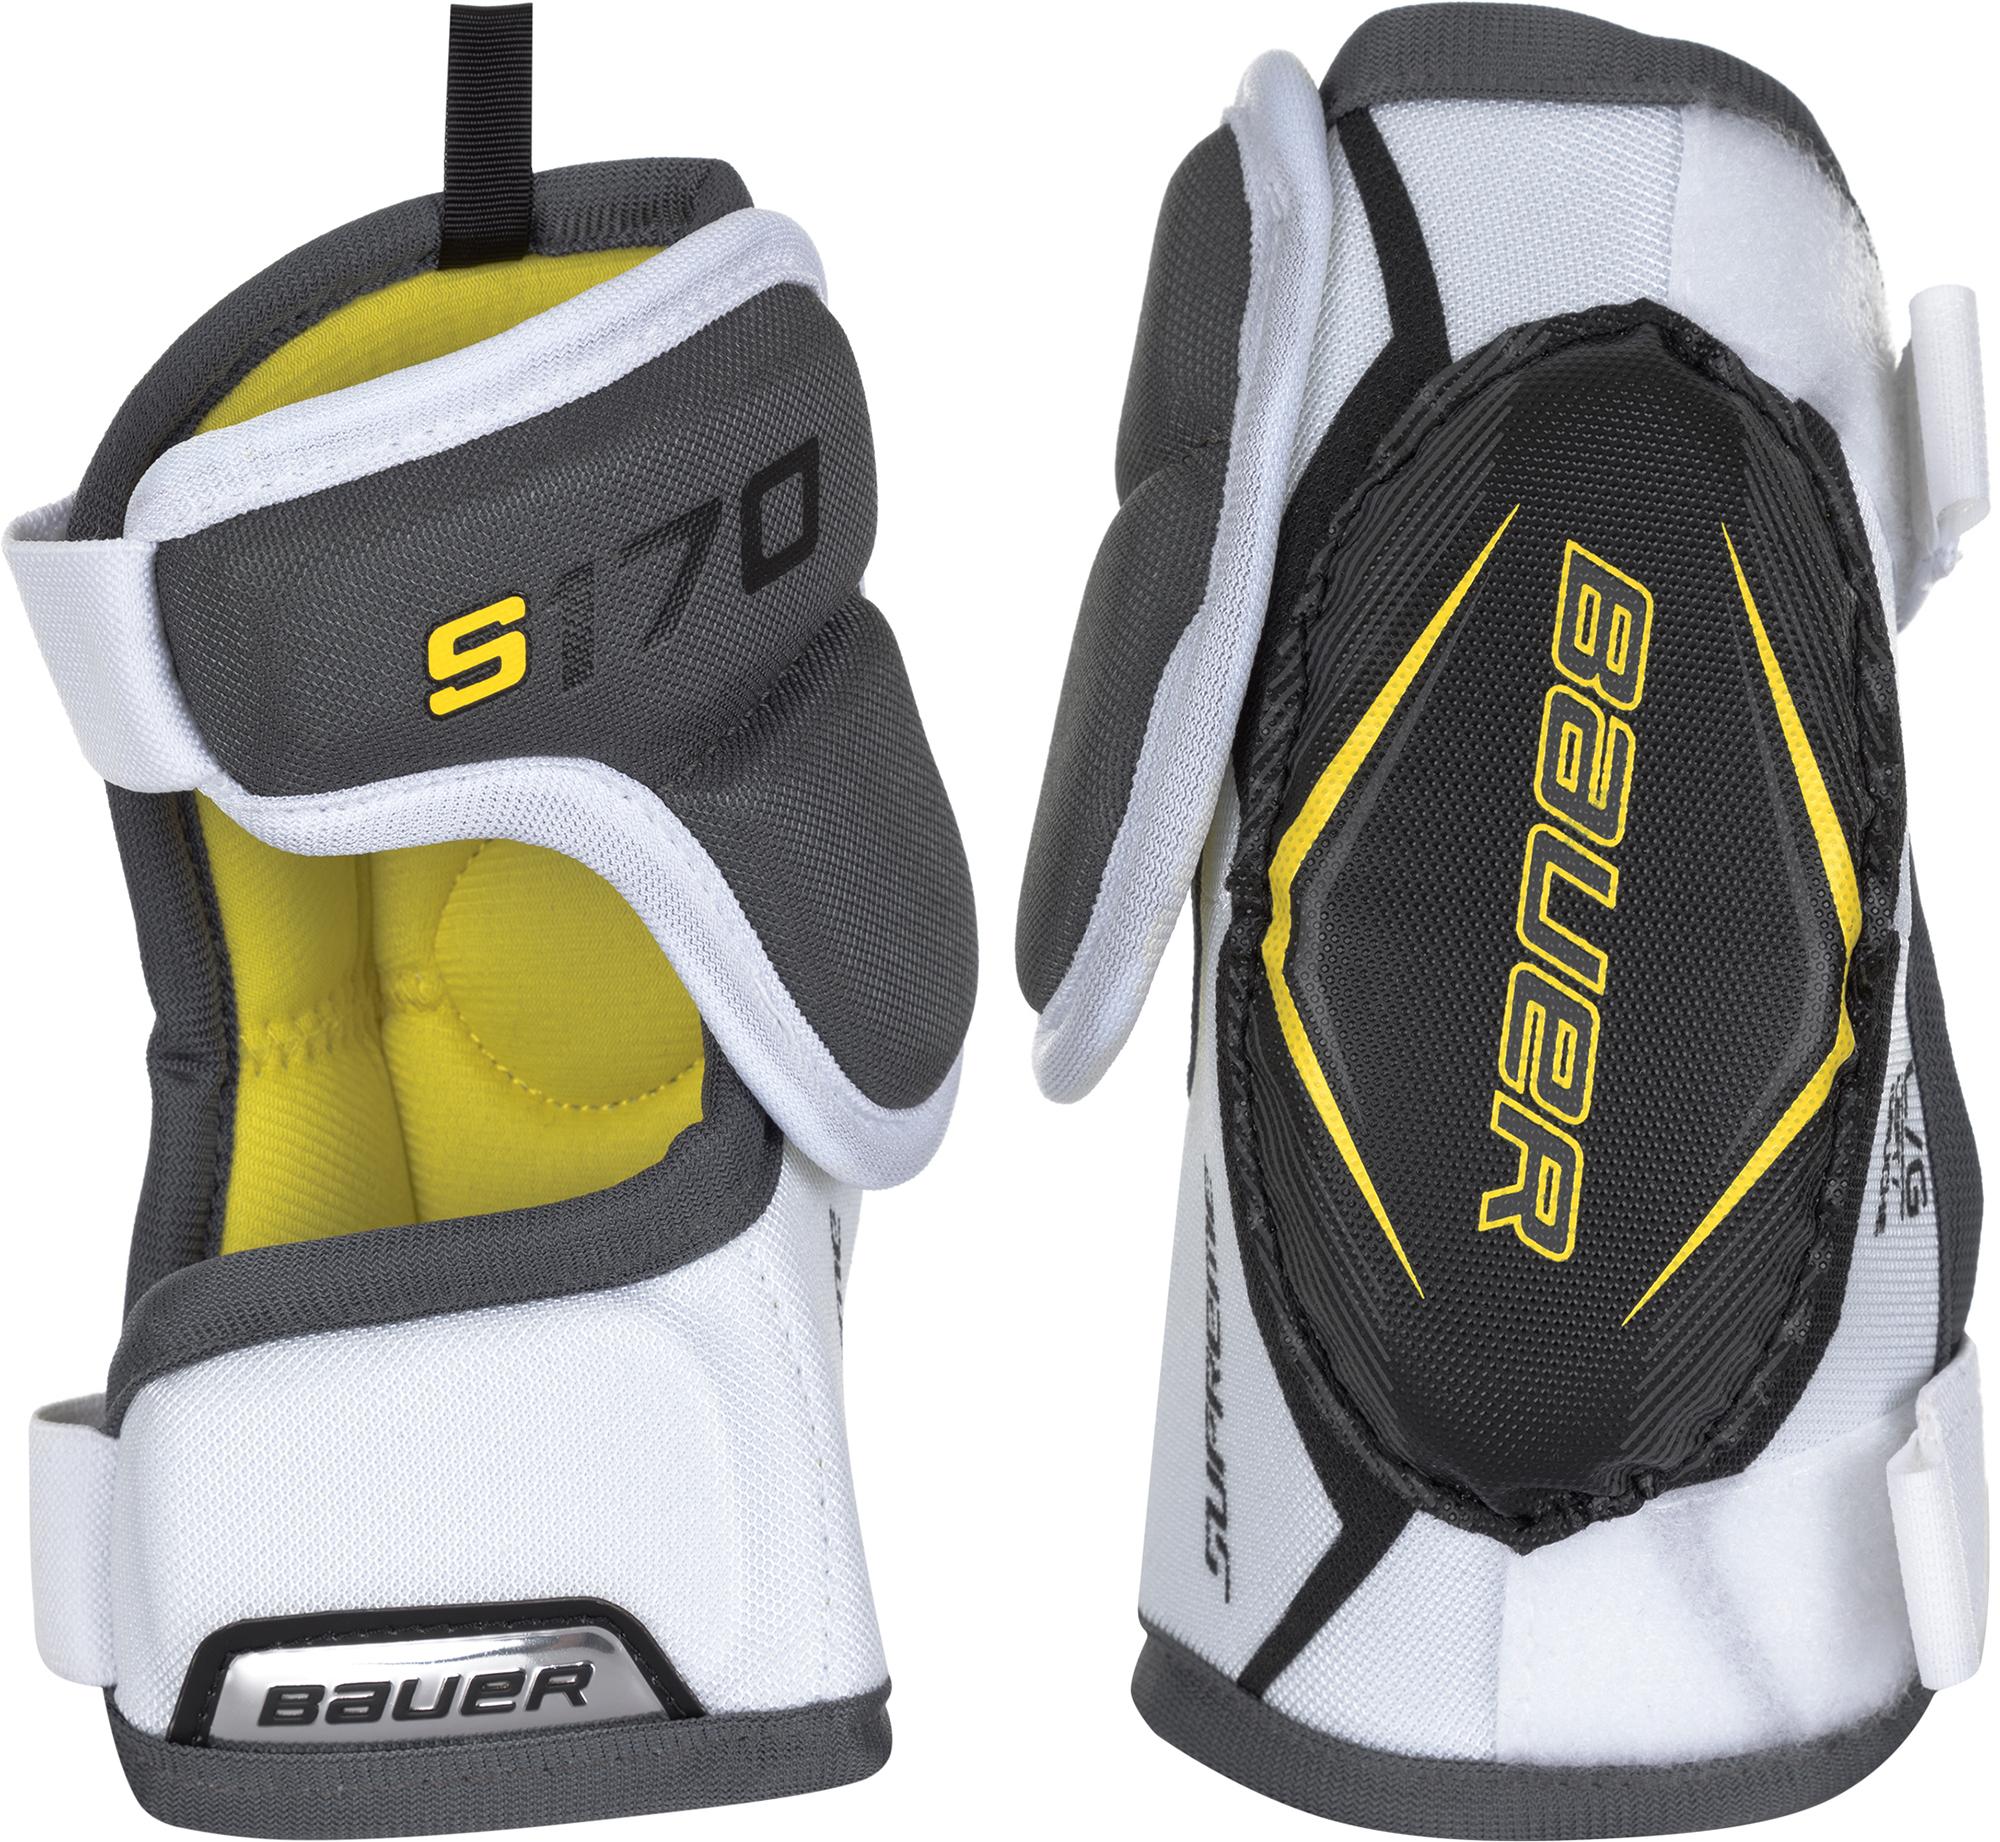 цена на Bauer Налокотник защитный хоккейный детский Bauer SUPREME S170